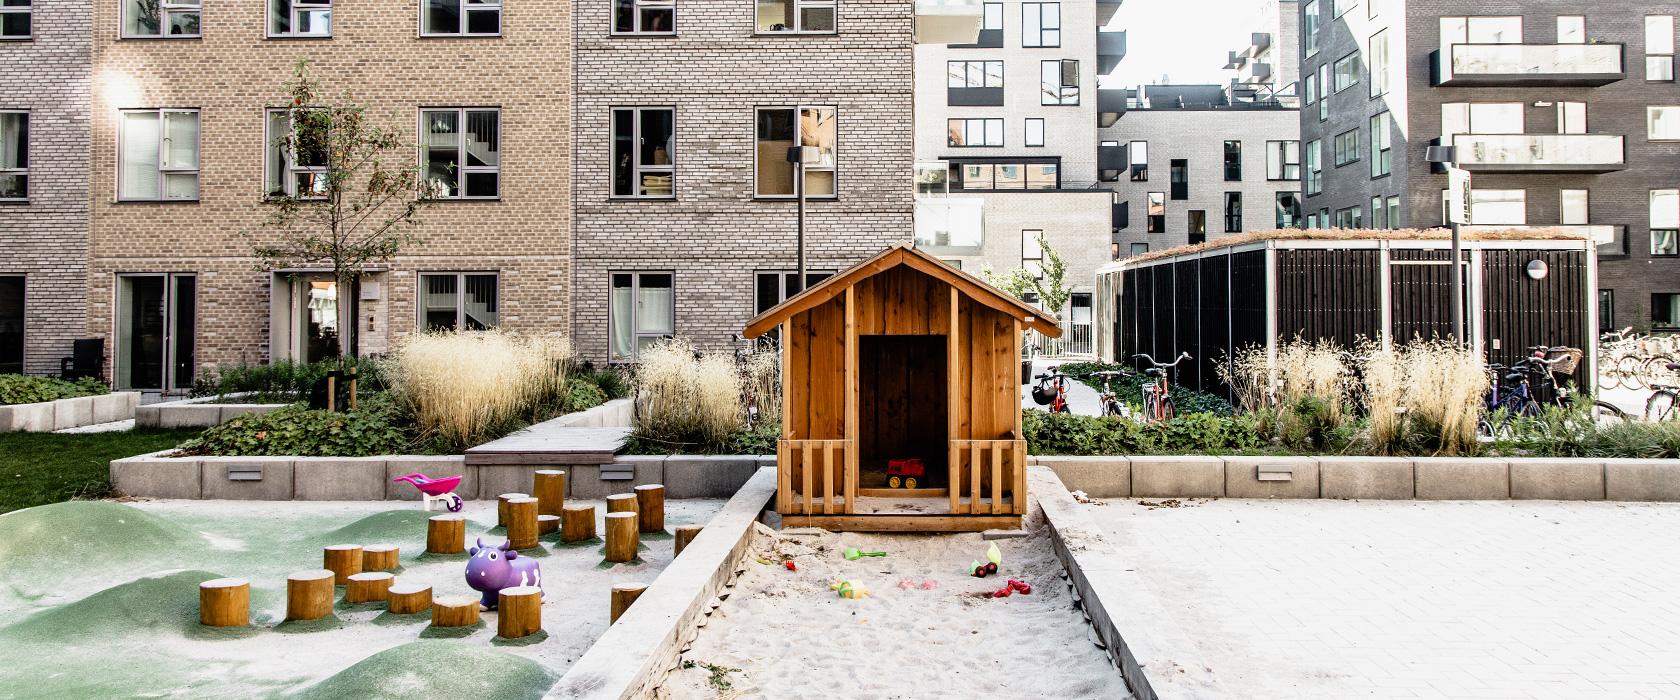 Greensquare Garden legeplads